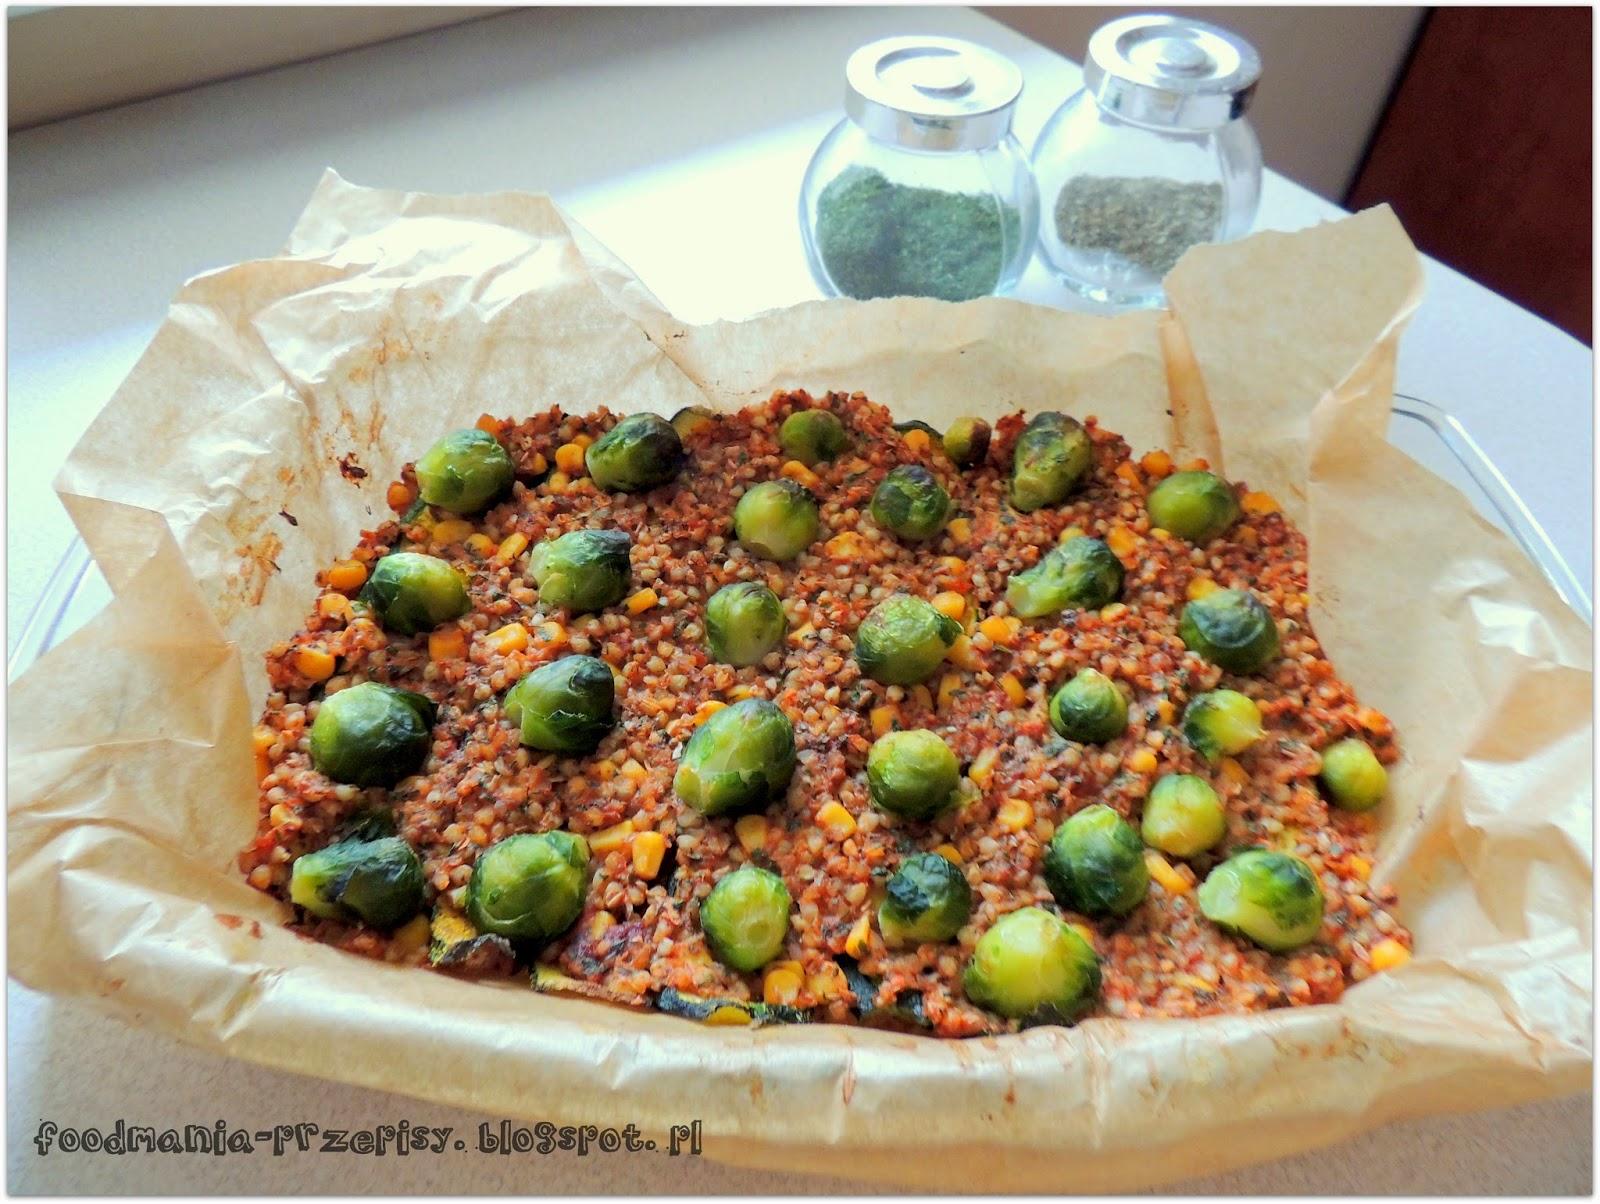 http://foodmania-przepisy.blogspot.com/2014/04/zapiekanka-z-kaszy-gryczanej.html